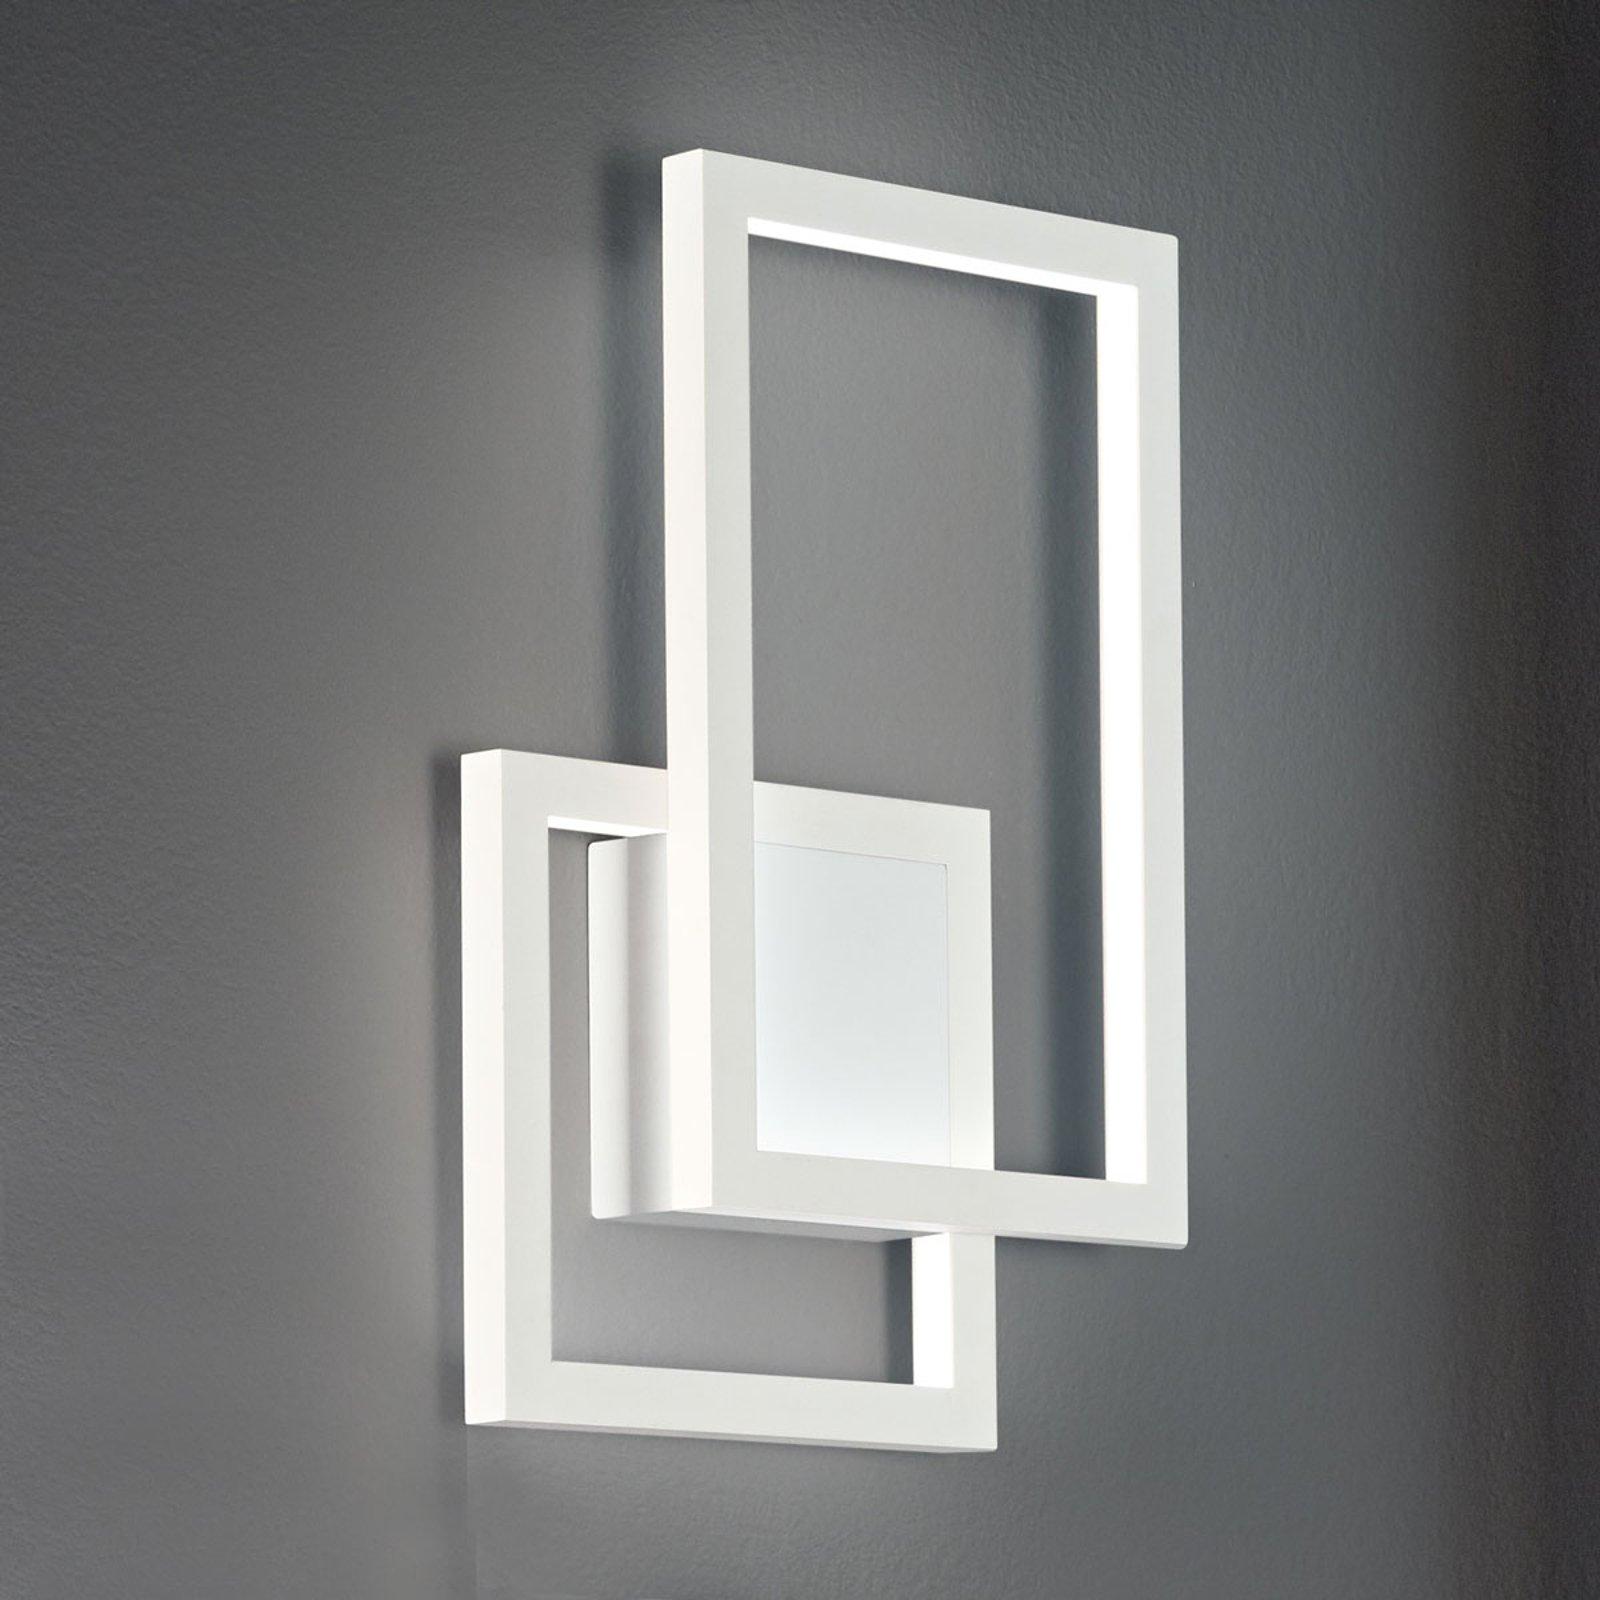 LED-vegglampe Curve av aluminium